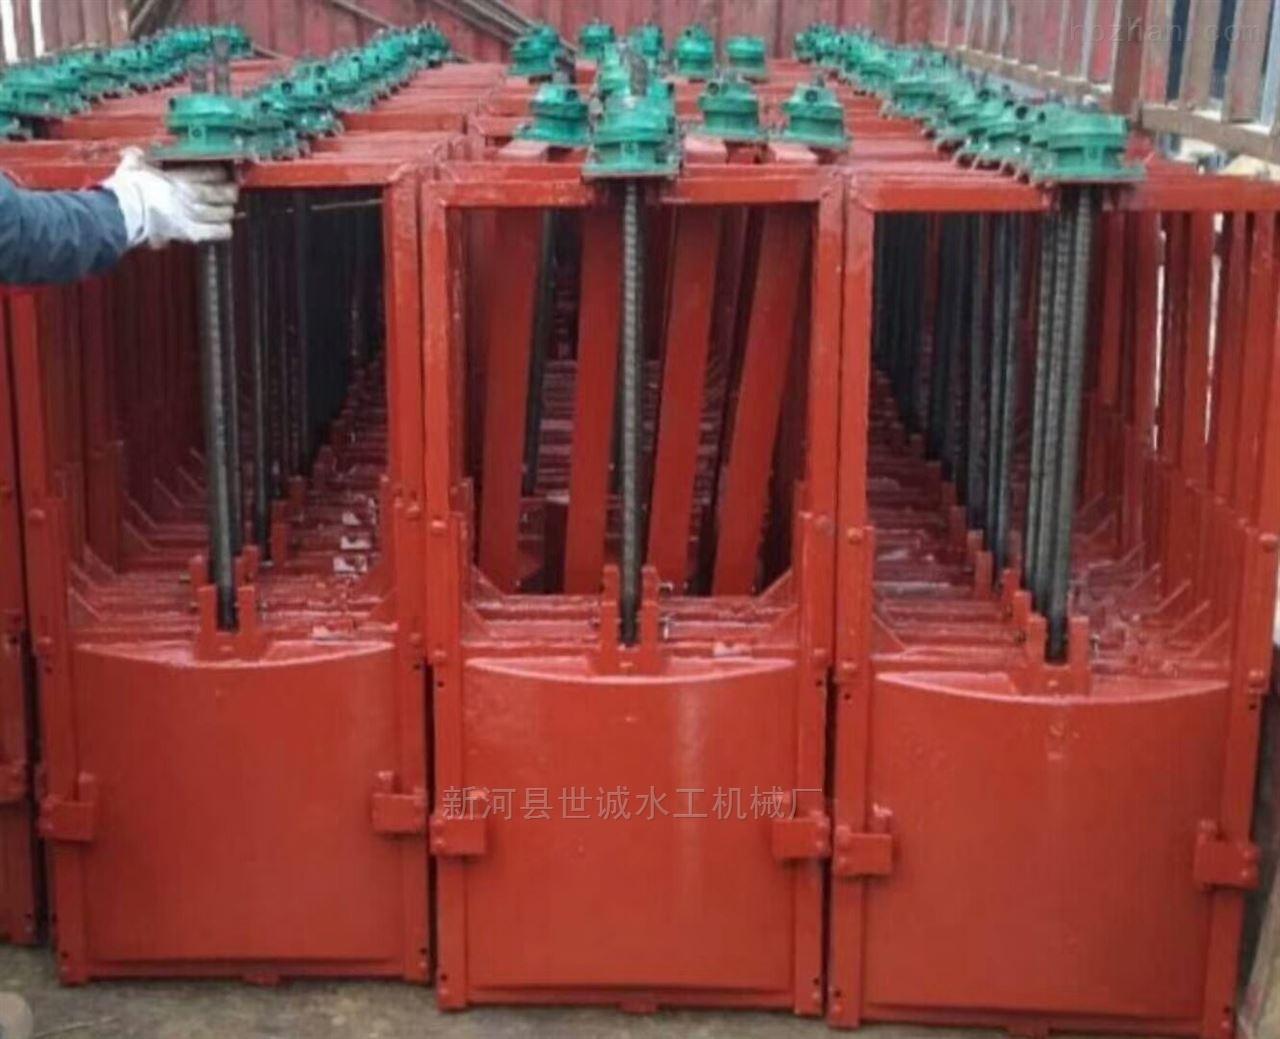 渠道闸门、渠道铸铁闸门高品质、高质量